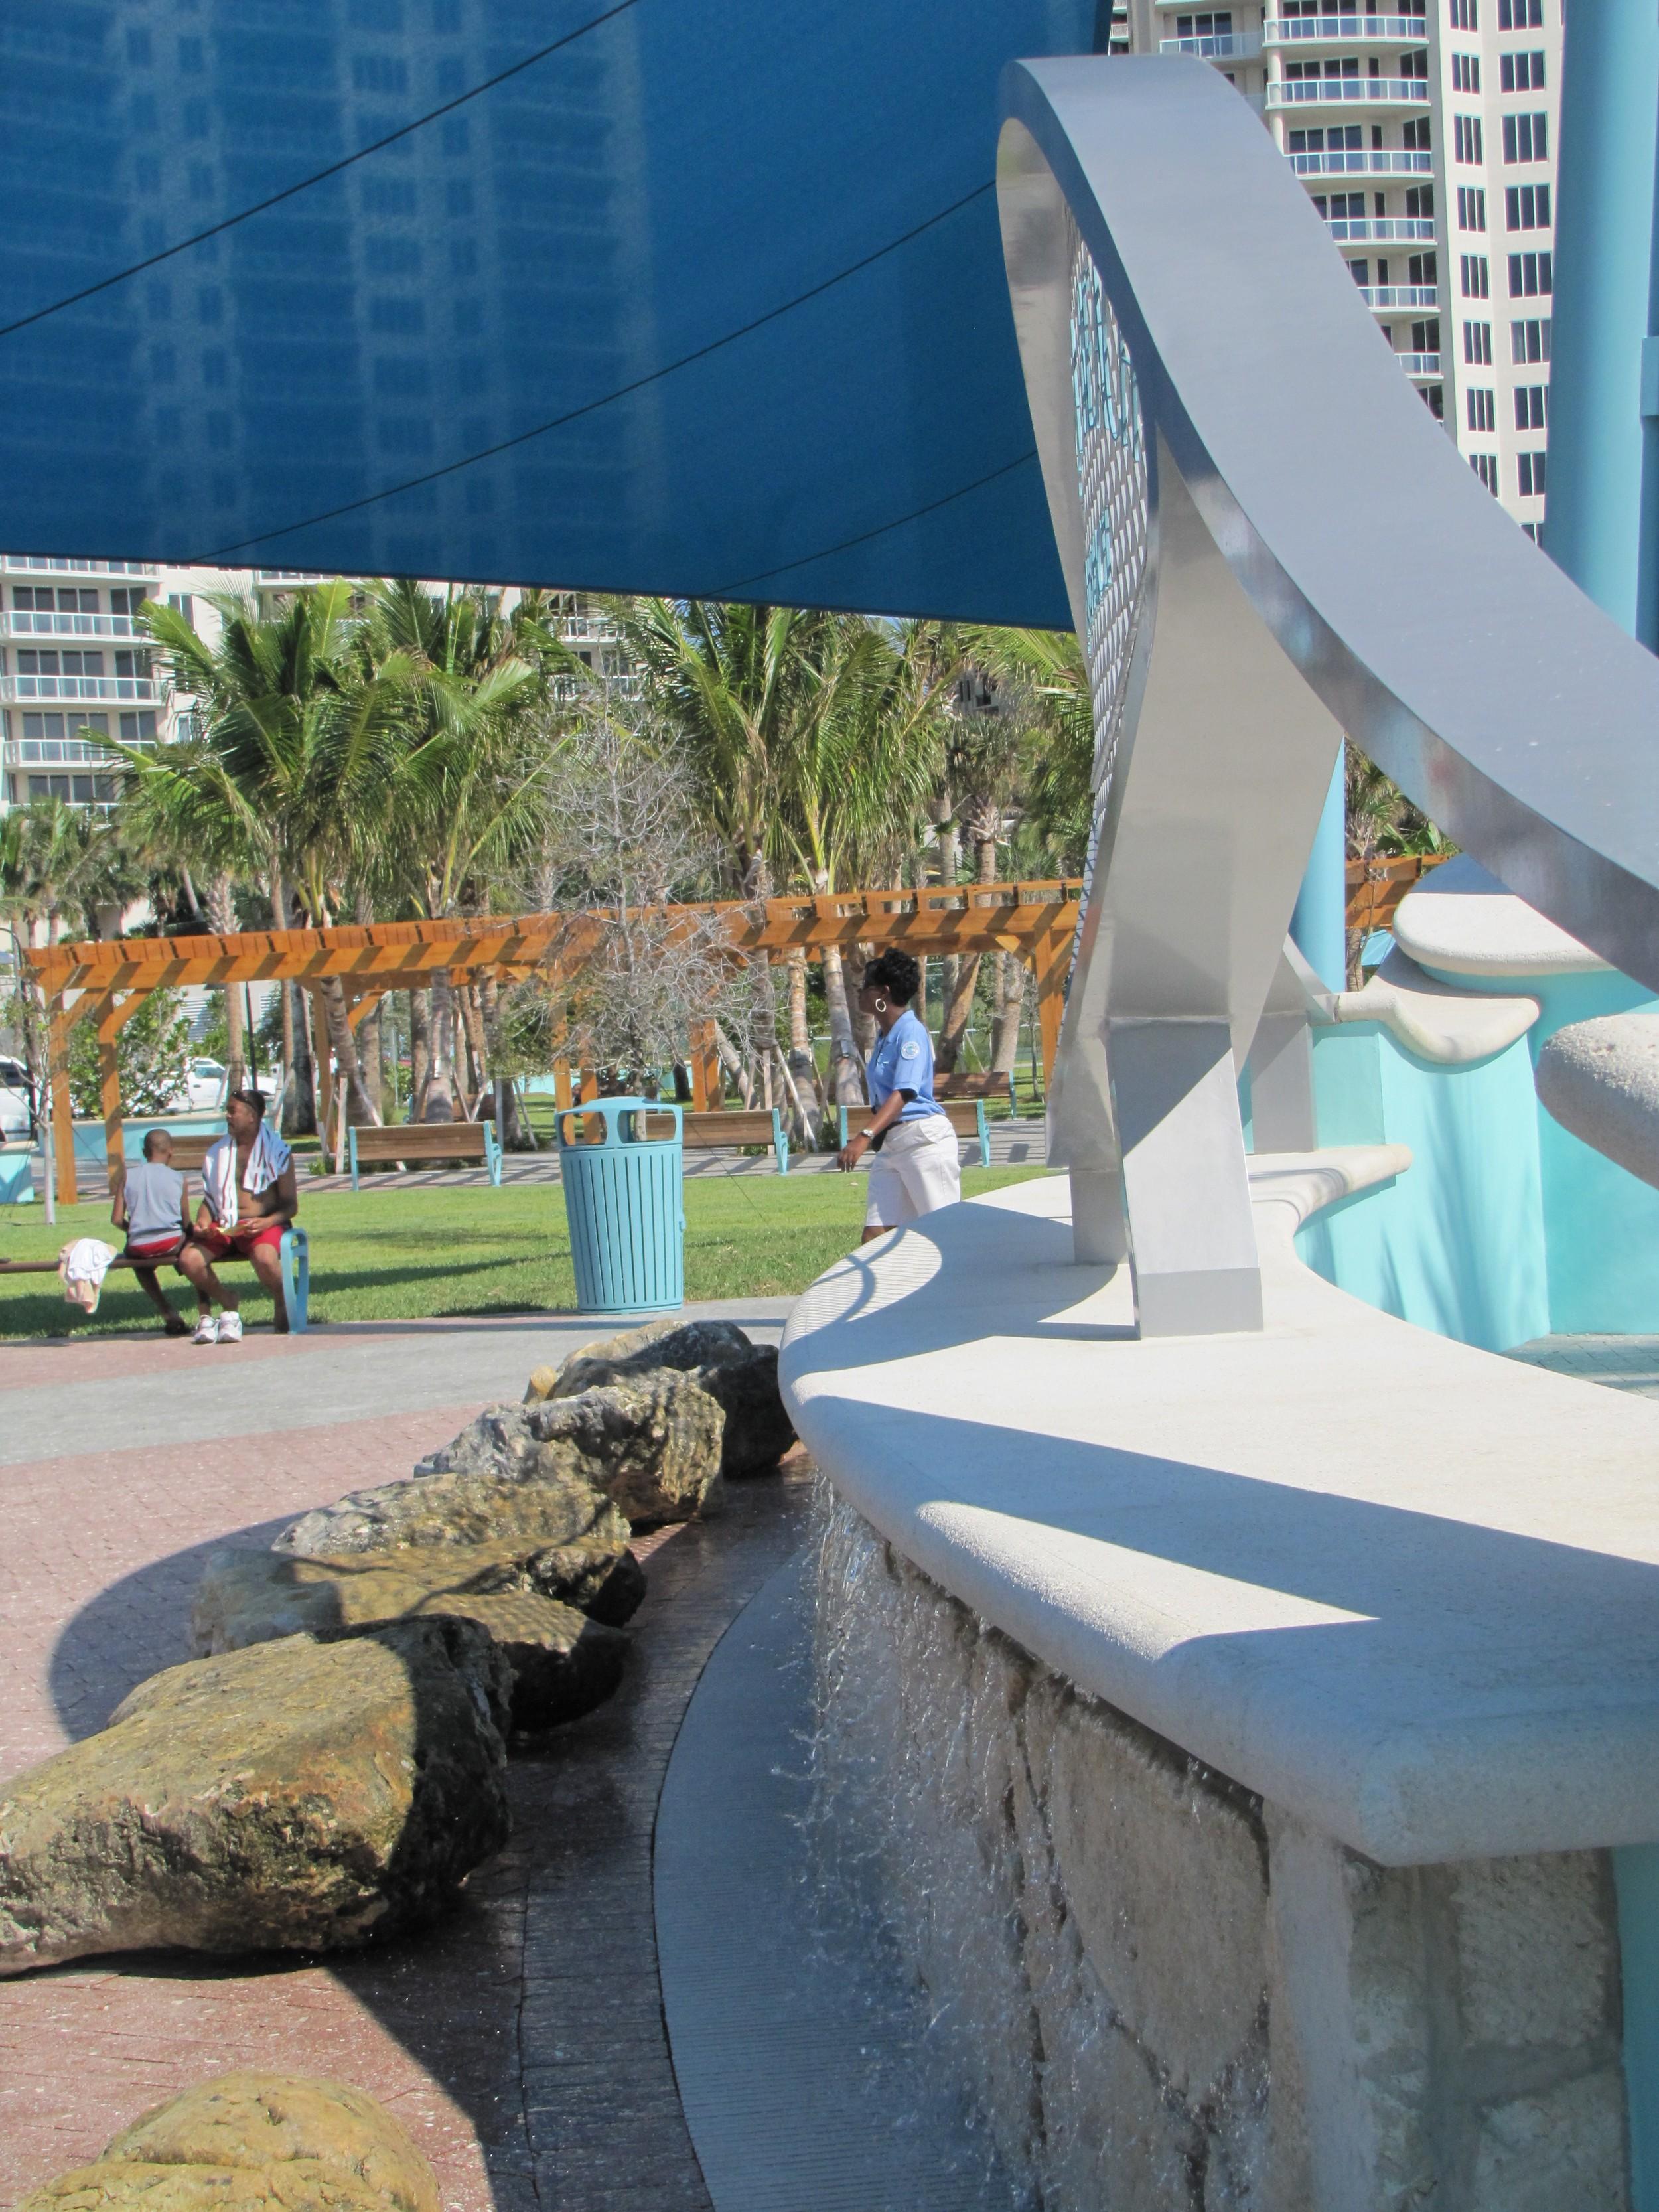 City of Riviera Beach Municipal Beach Park Ocean Mall Fountain Limestone Cap Rock Facade Limestone.jpg